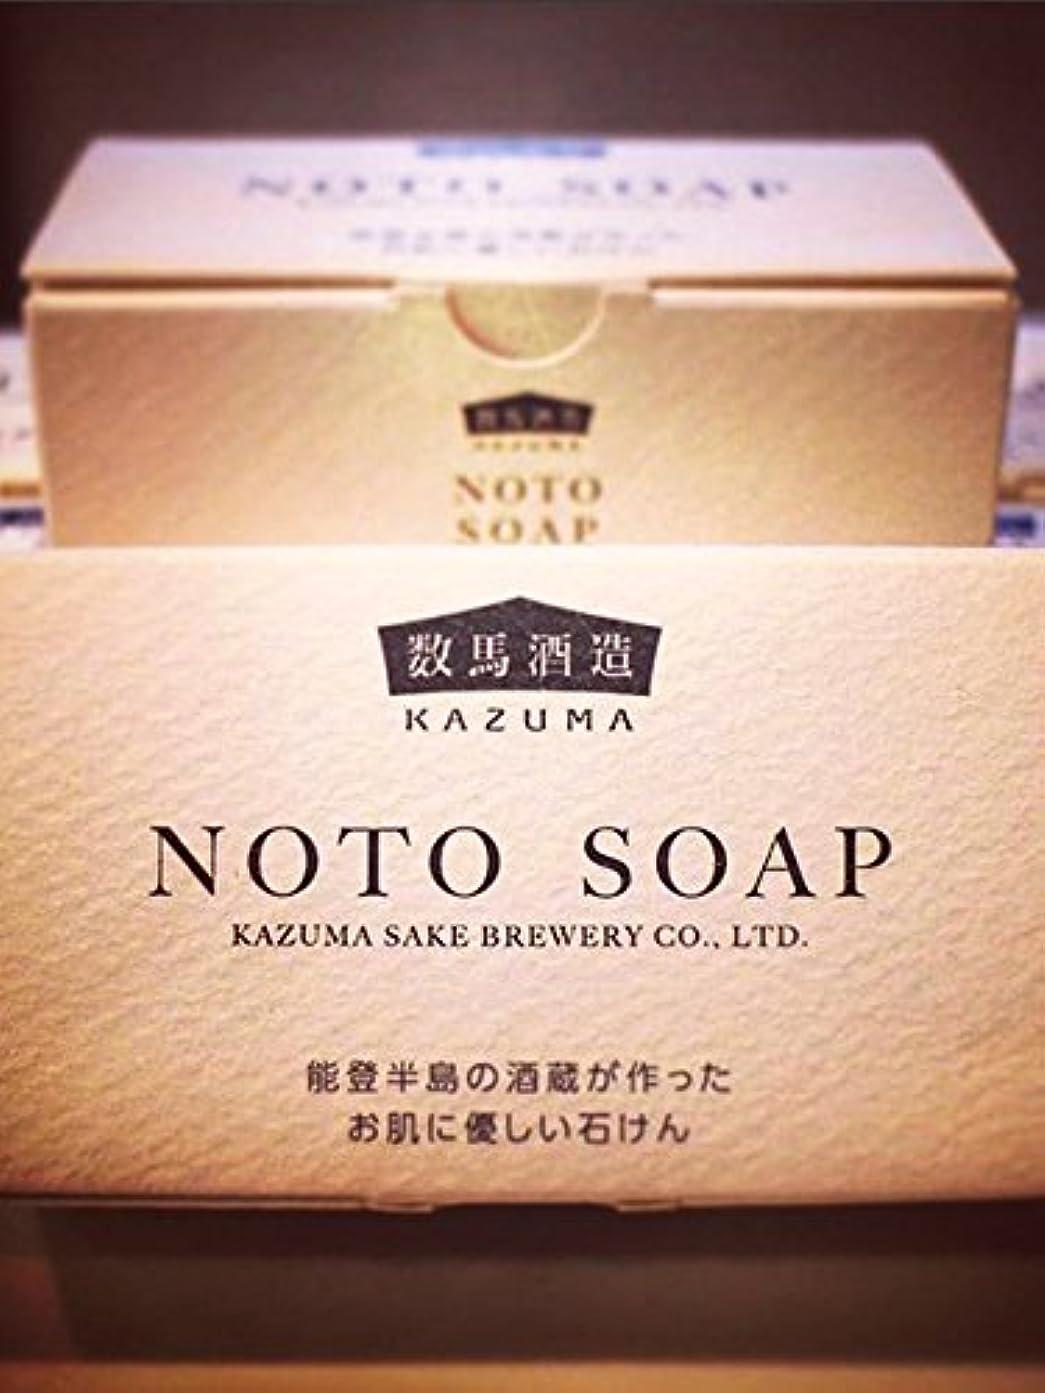 大胆ライセンス収入竹葉 NOTO SOAP 酒粕石鹸 1個80g